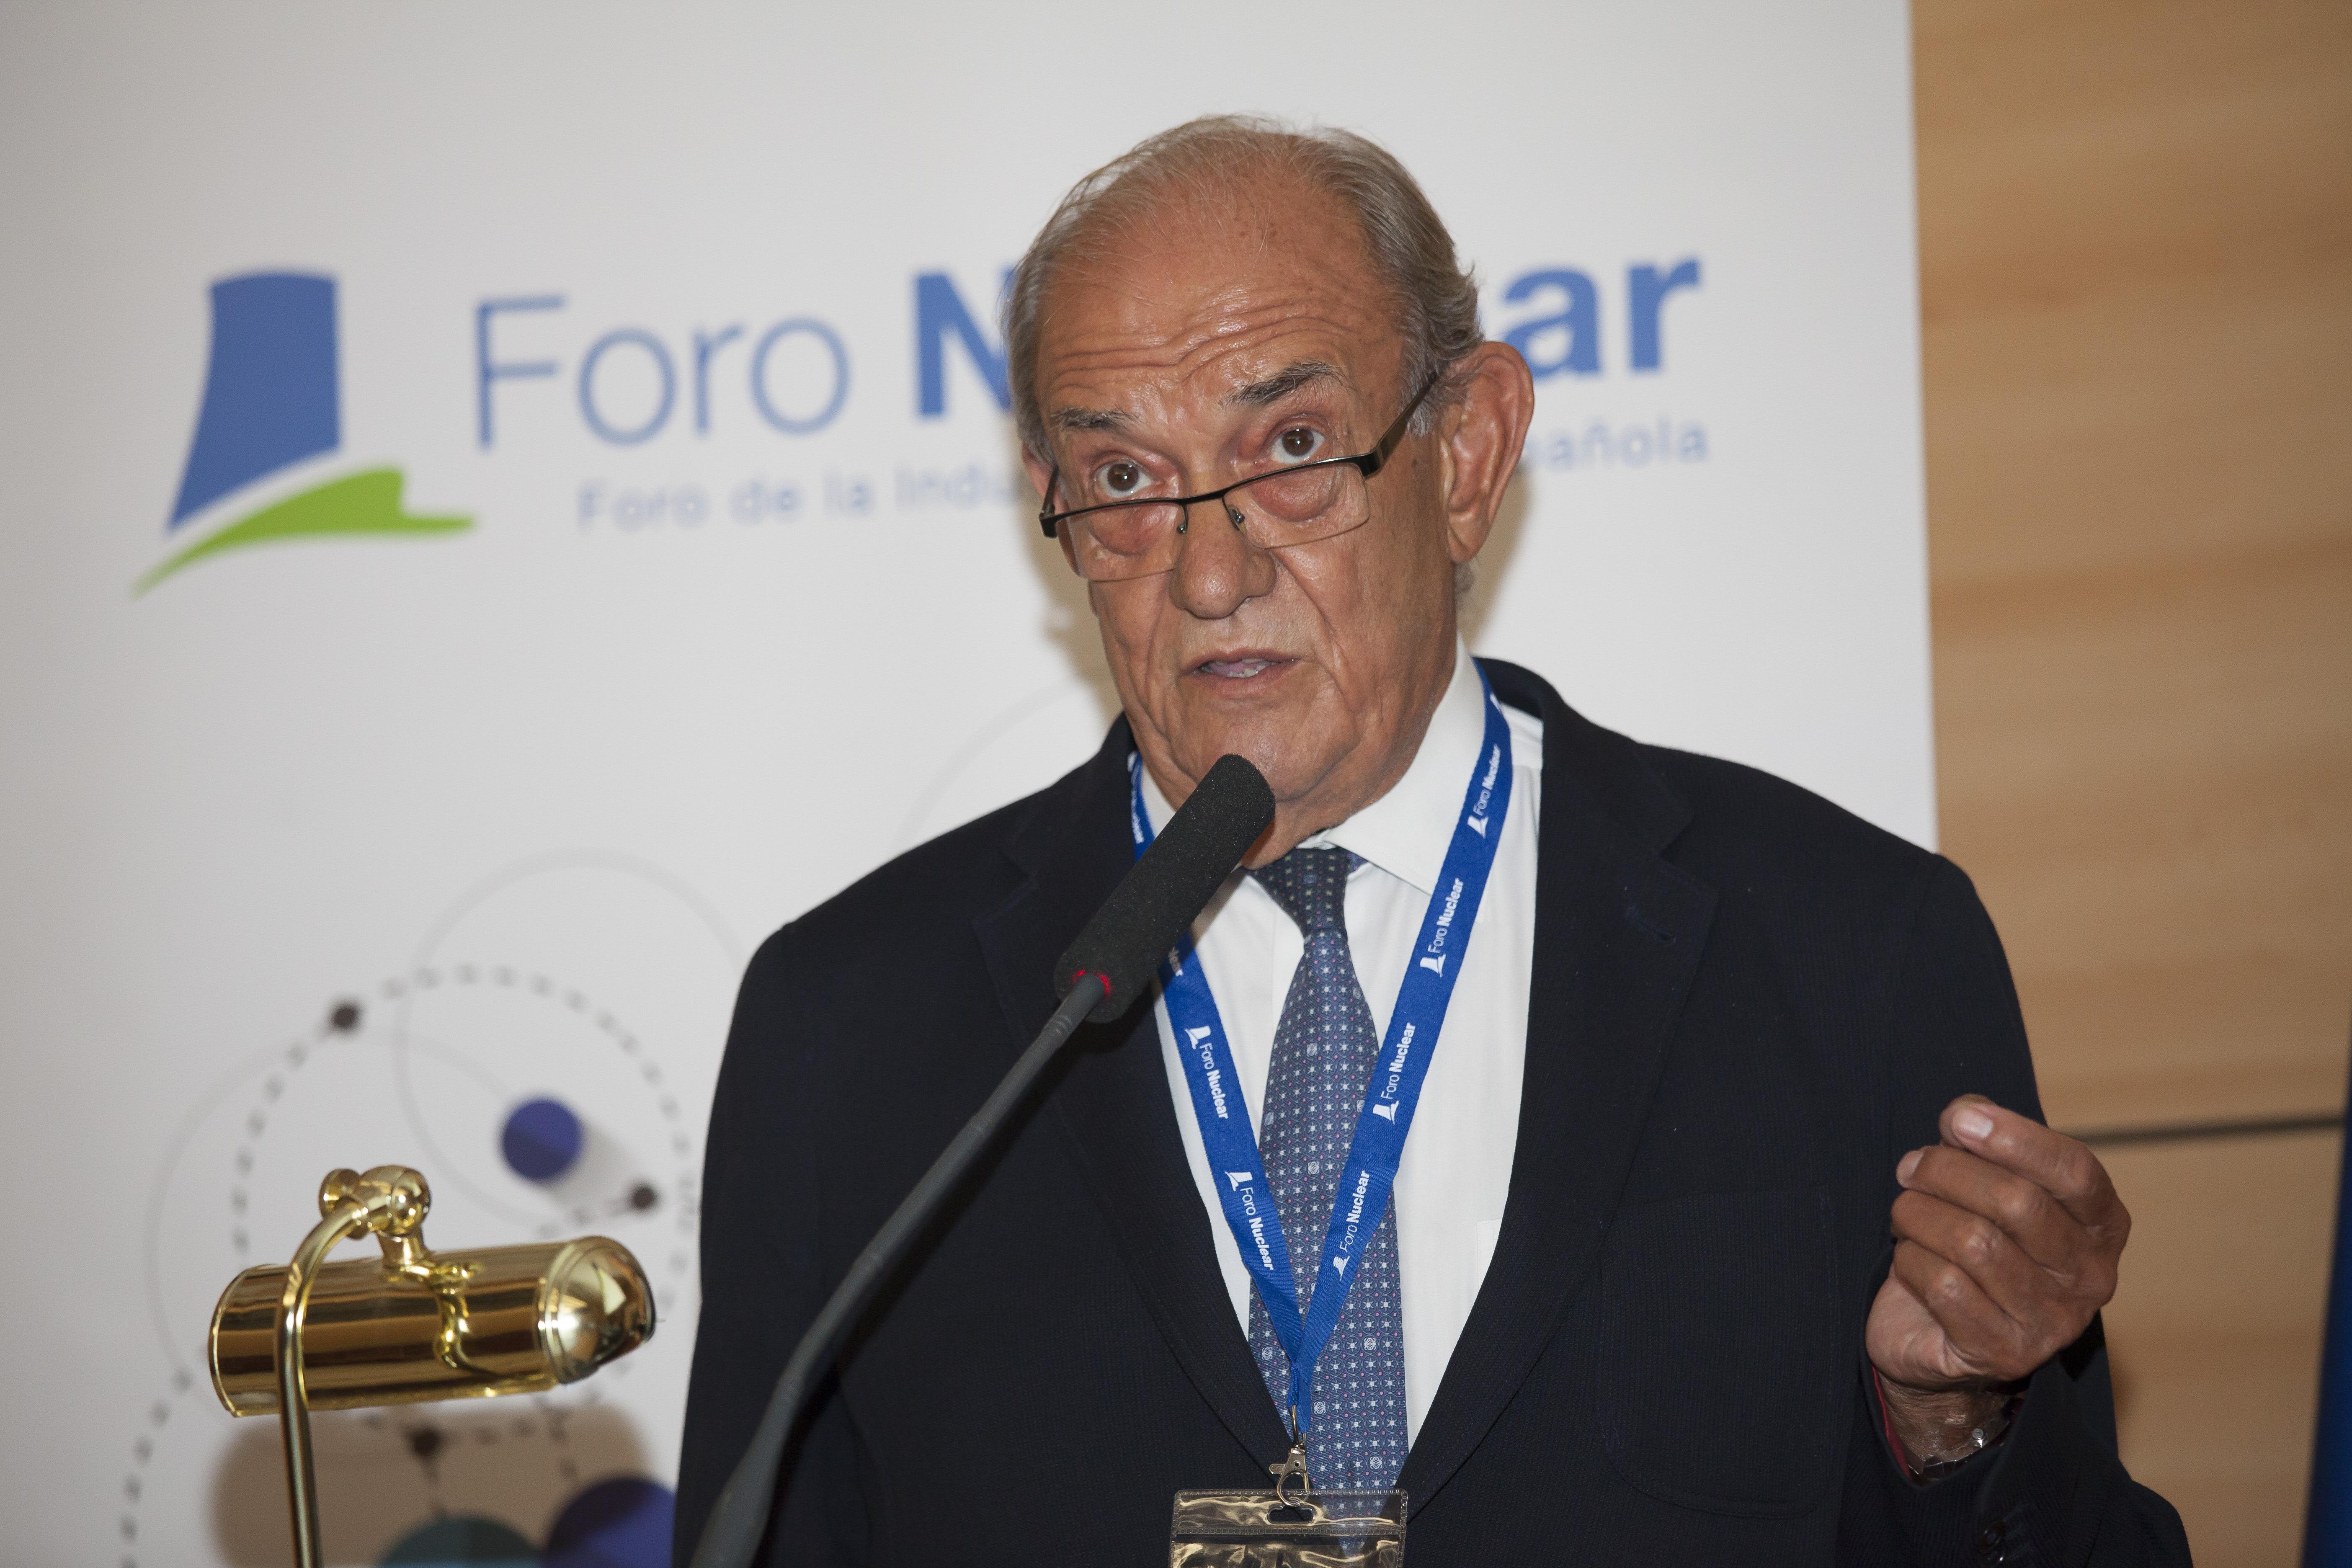 Rafael Herranz, Coordinador del Centro de Radiopatología y Radioprotección del Hospital Universitario Gregorio Marañón